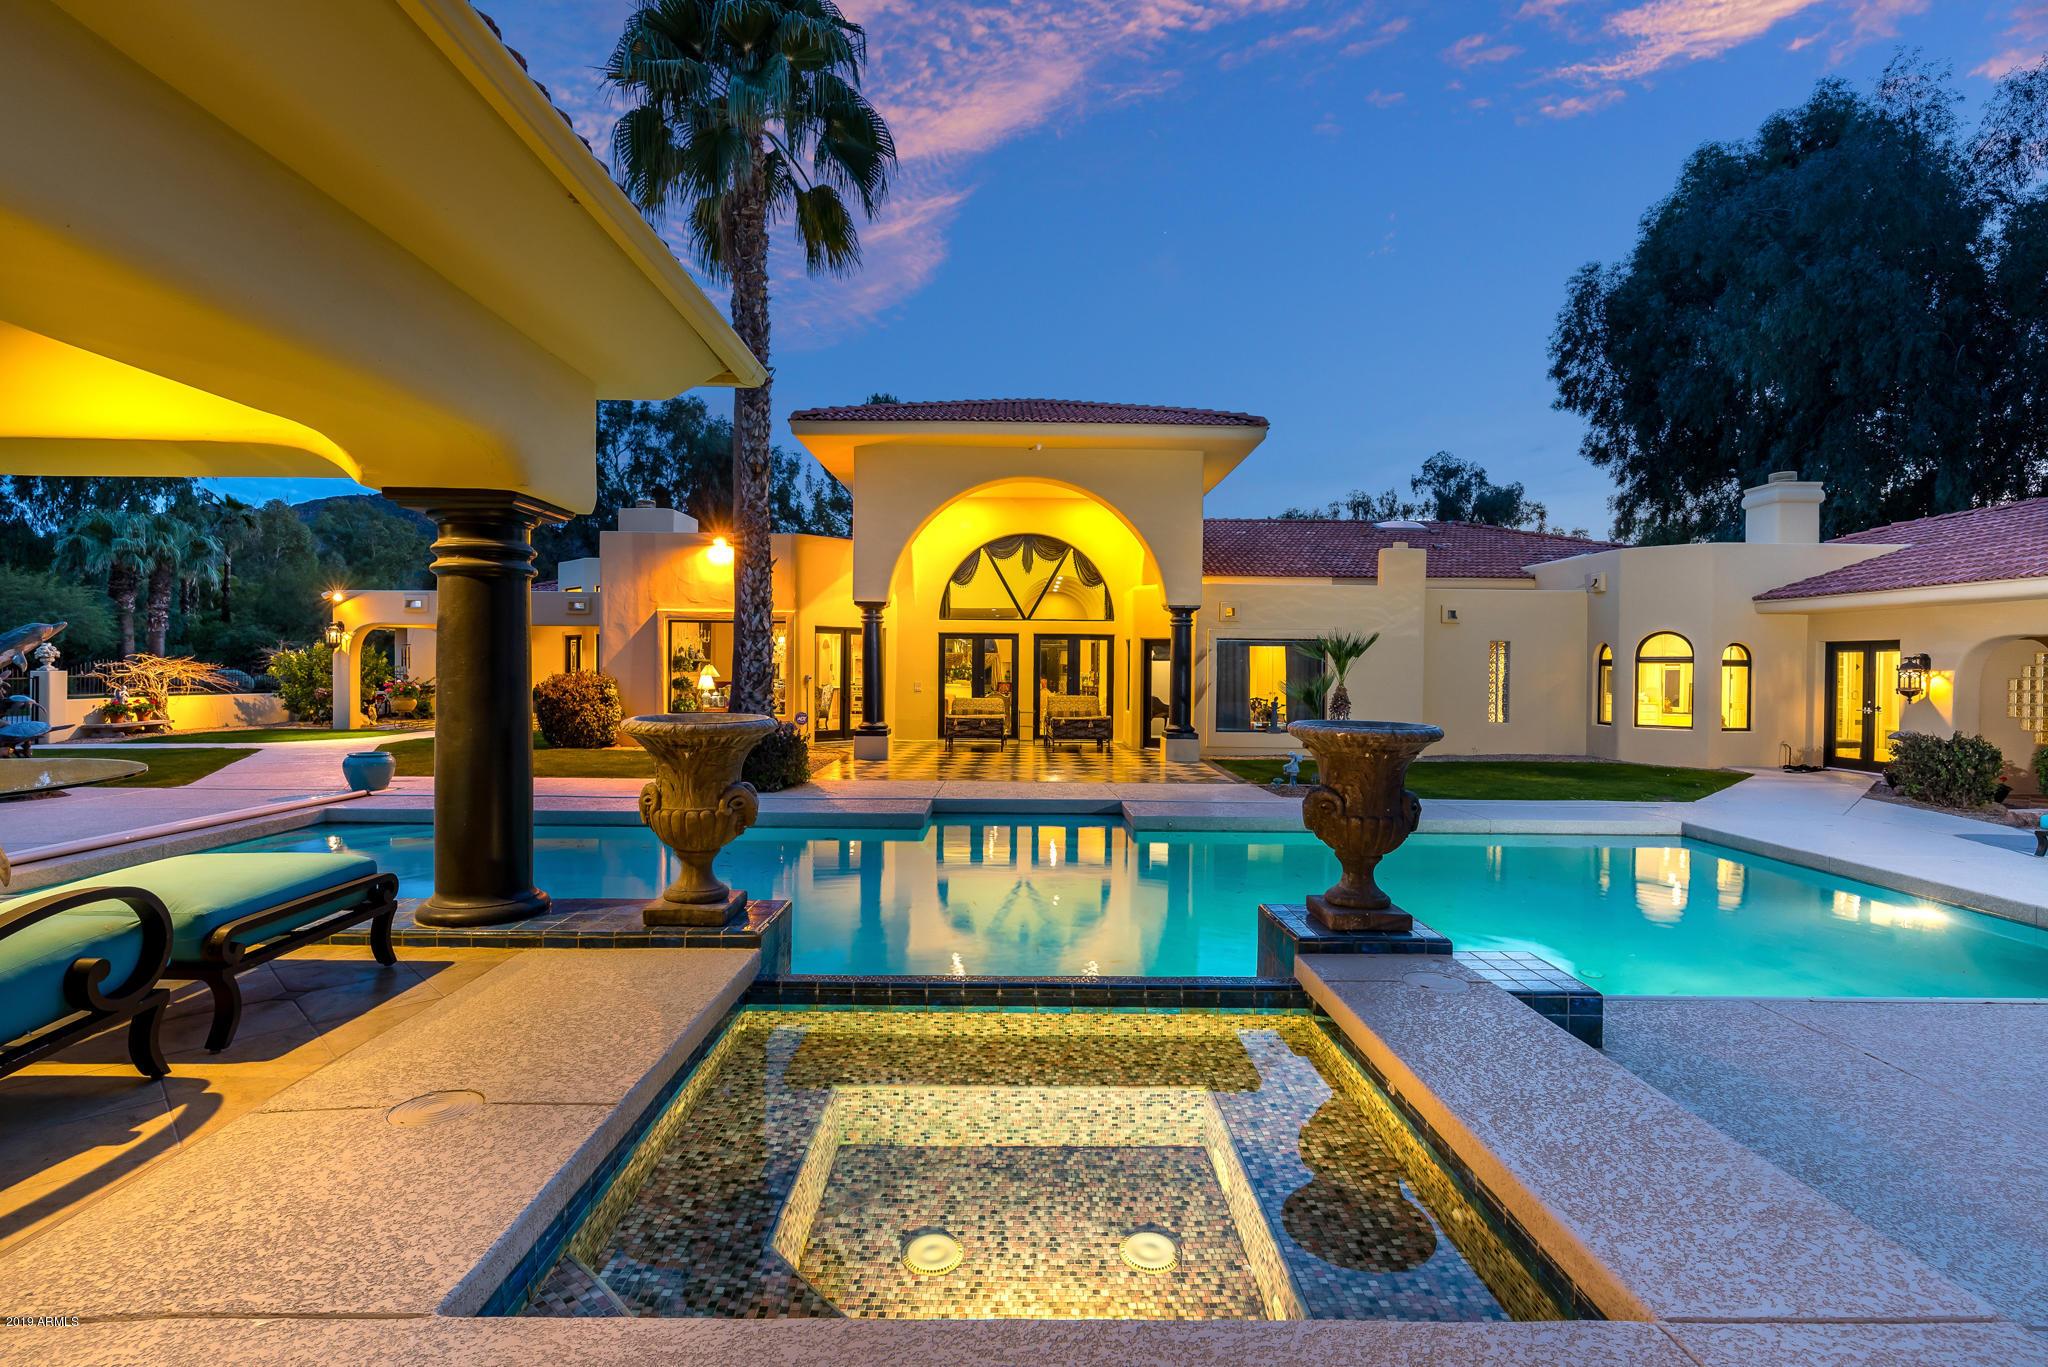 MLS 5866671 5636 E Via Buena Vista --, Paradise Valley, AZ 85253 Paradise Valley AZ Tennis Court